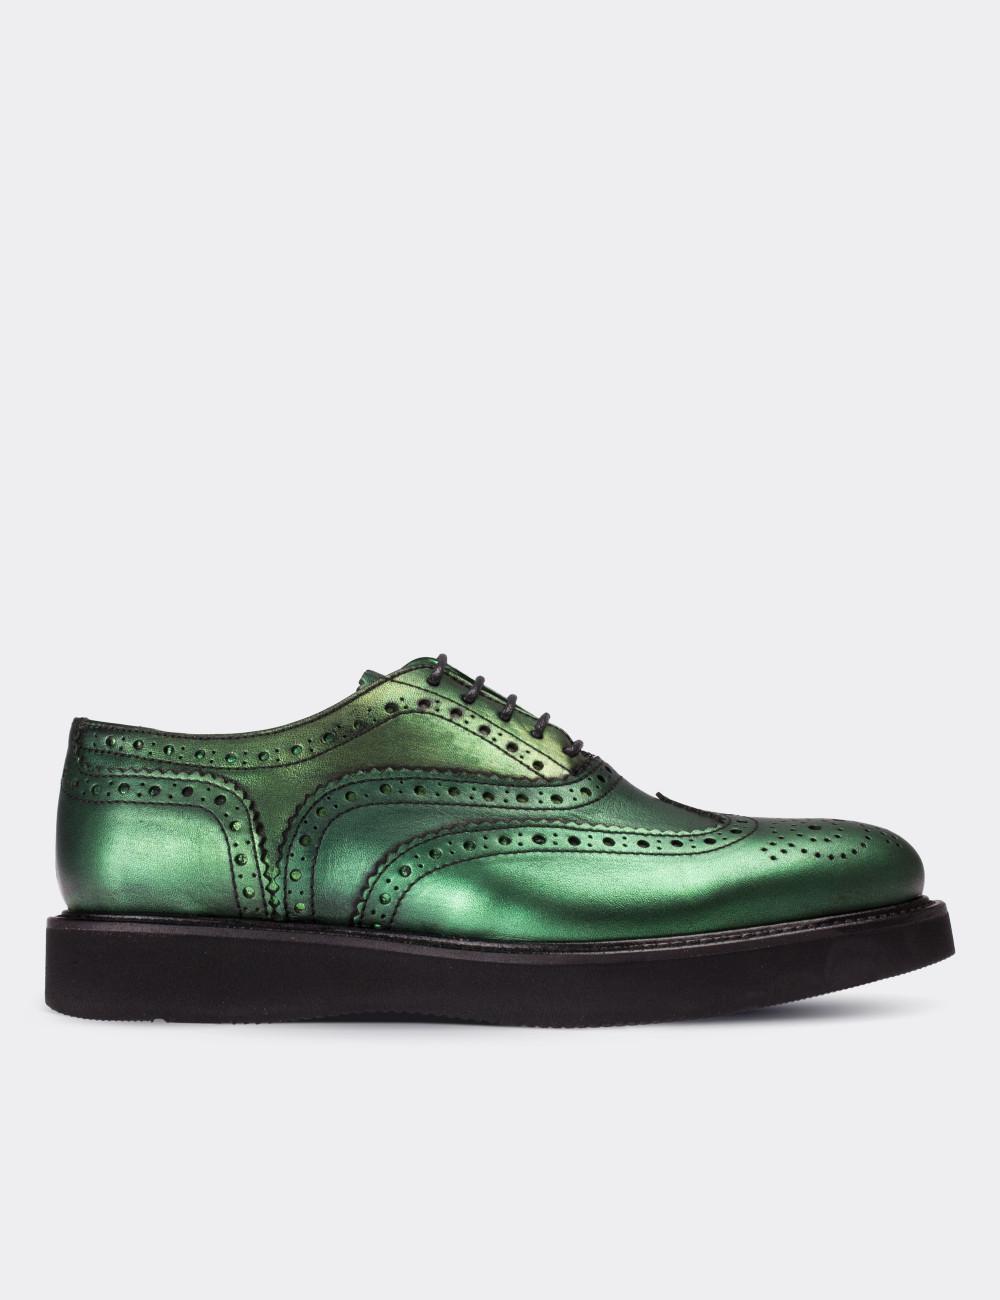 07b44f3fab02c Hakiki Deri Yeşil Finisajlı Oxford Kadın Ayakkabı - 01418ZYSLE02